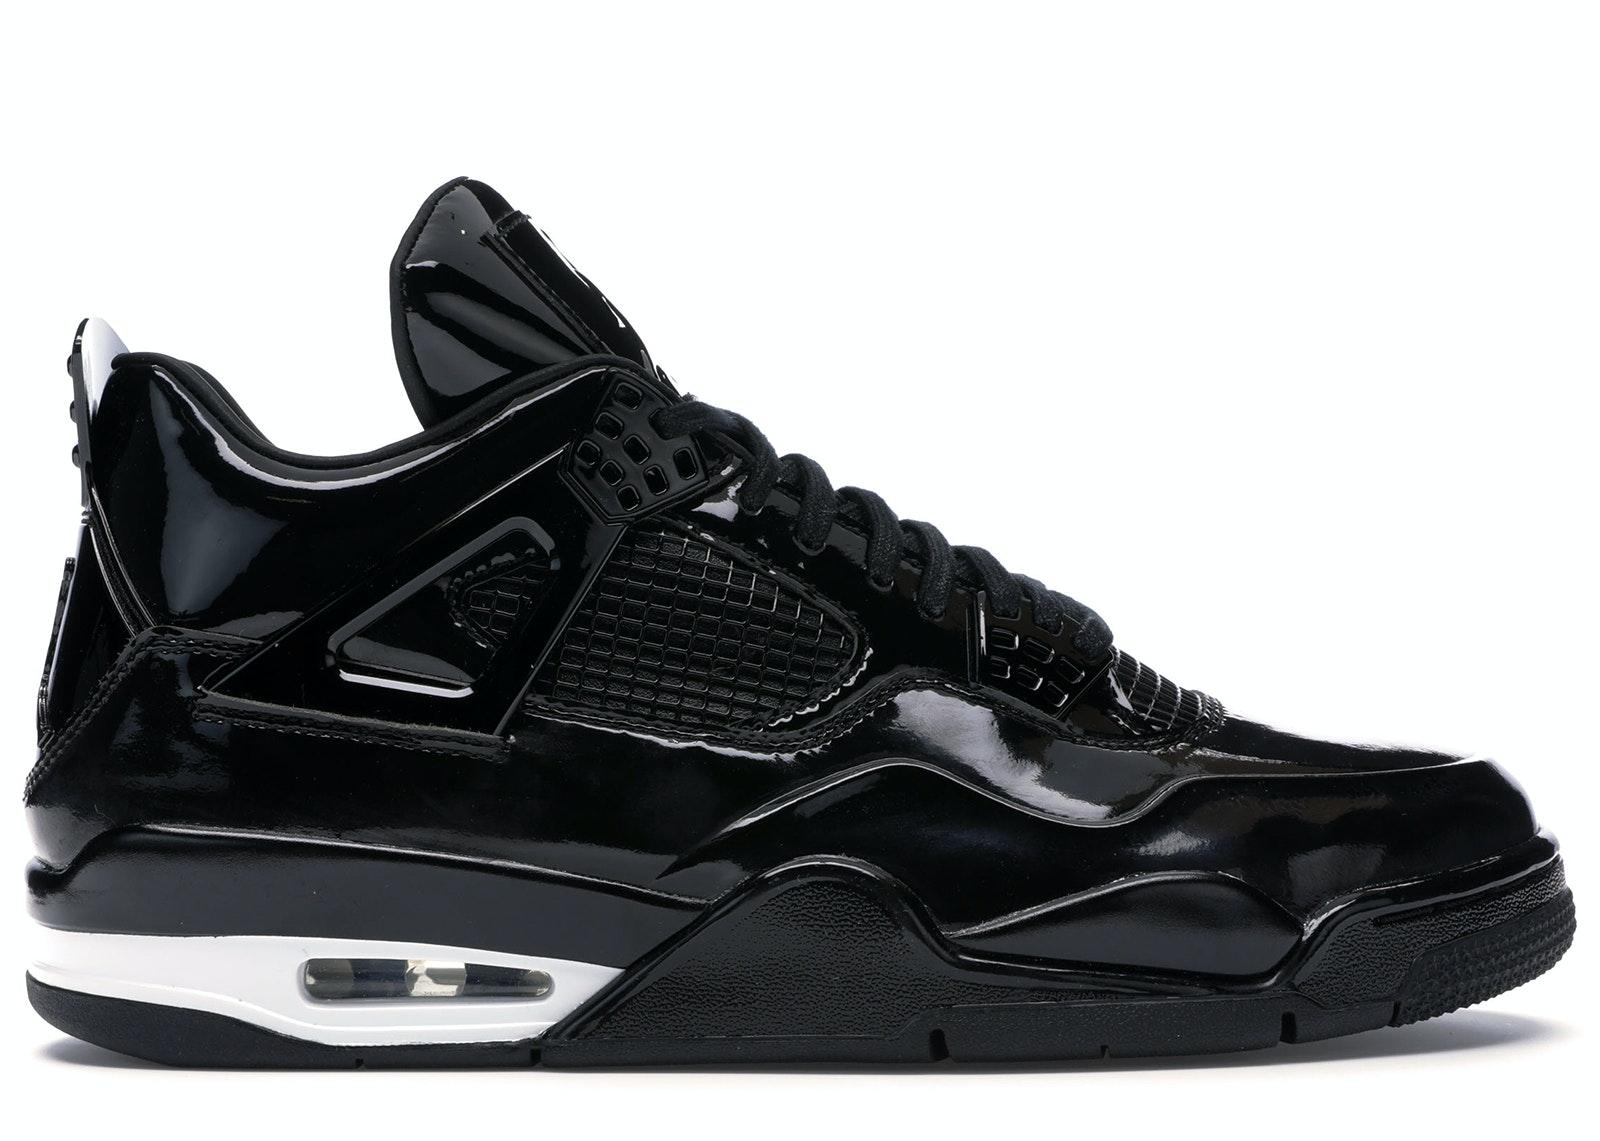 Jordan 4 Retro 11Lab4 Black